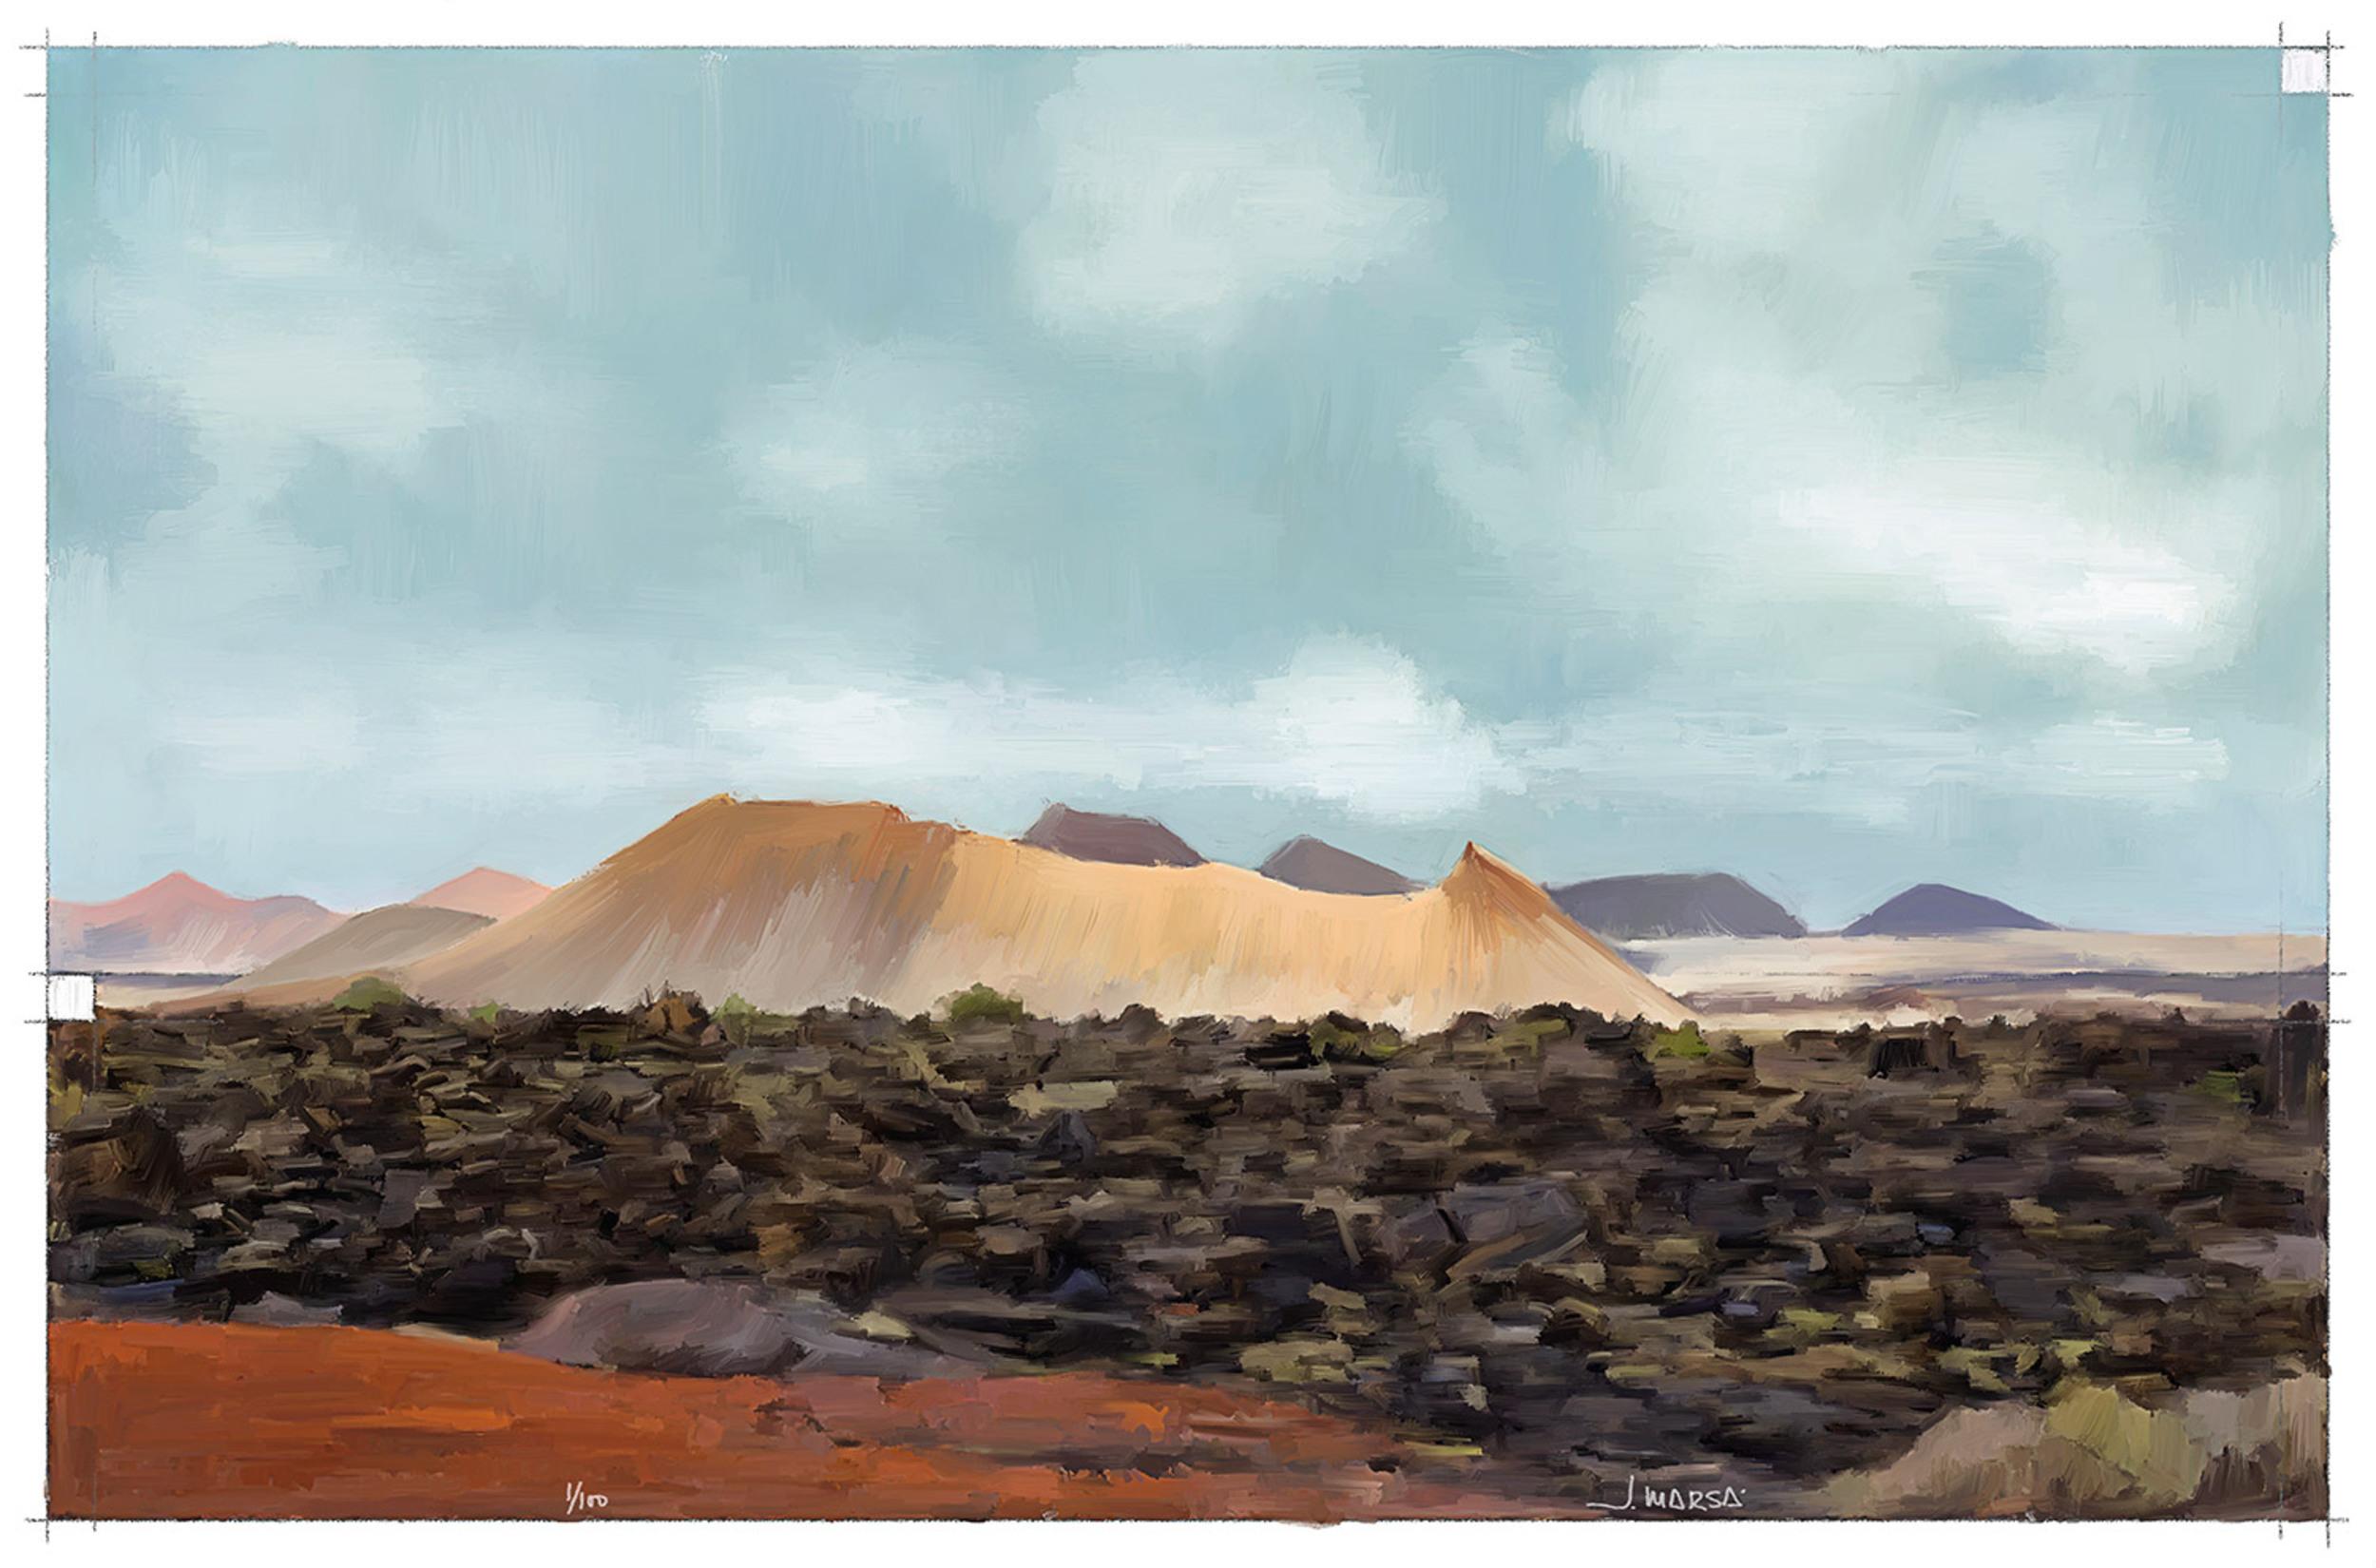 Pintura del sendero del volcán de Los Cuervos, por Jorge Marsá